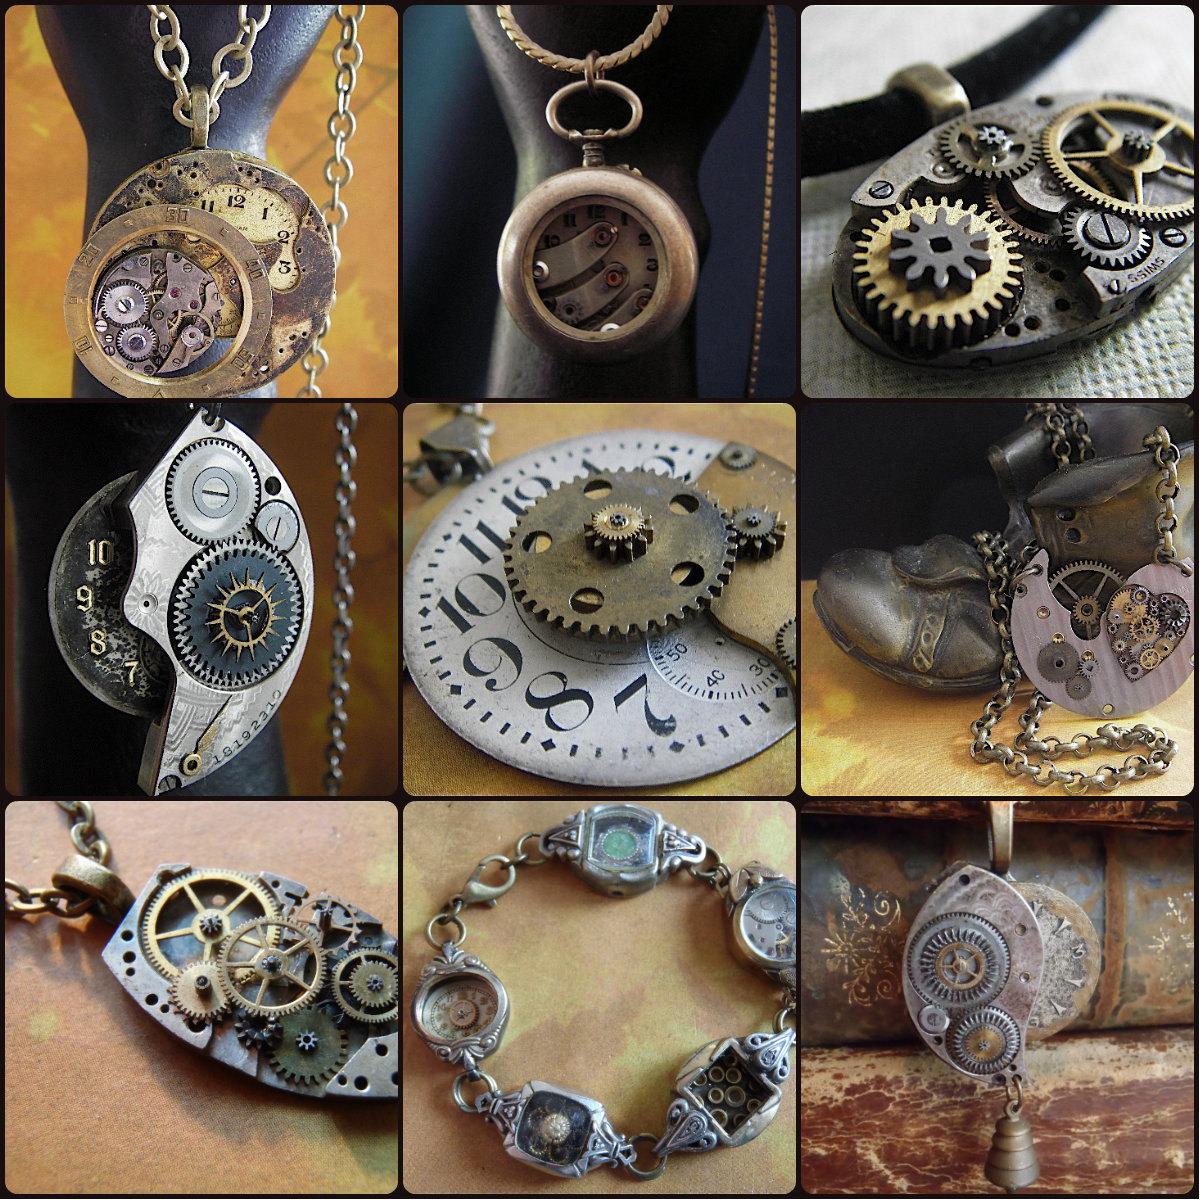 20% off when you spend $50.00 #sale #cybersale #smallbusinesssunday #shopsmall #steampunk #Steampunkjunq #jewelry #jewellery #stockingstuffers #giftforher #giftforhim #cufflinks #rings #earrings